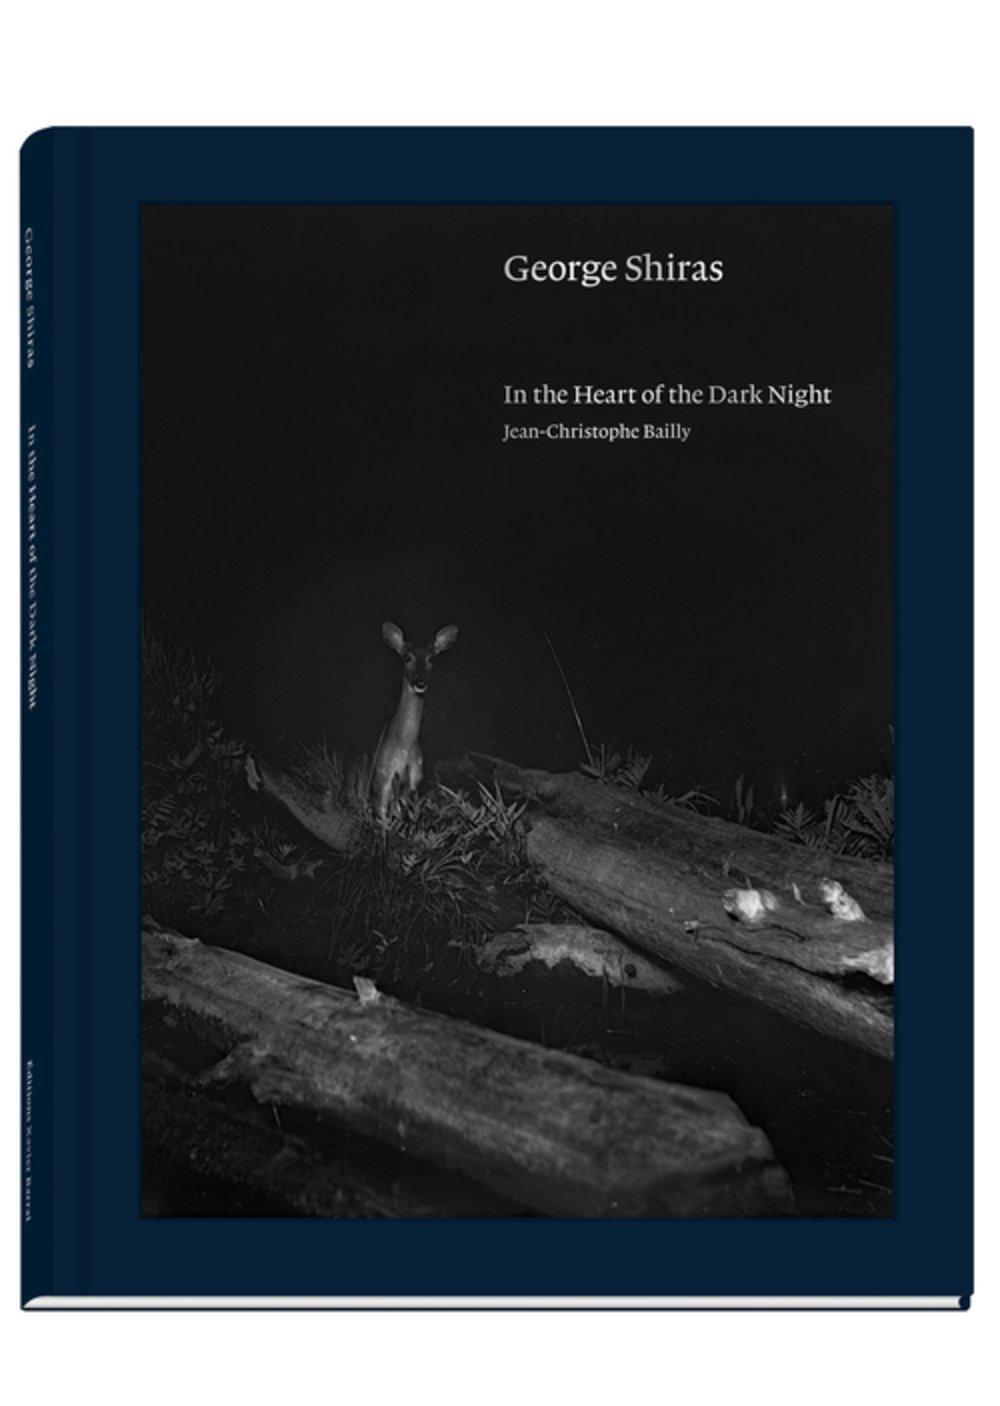 Tras la senda de Thoreau: libros, ensayos, documentales etc de vida salvaje y naturaleza. - Página 3 61ZhiMrjVbL